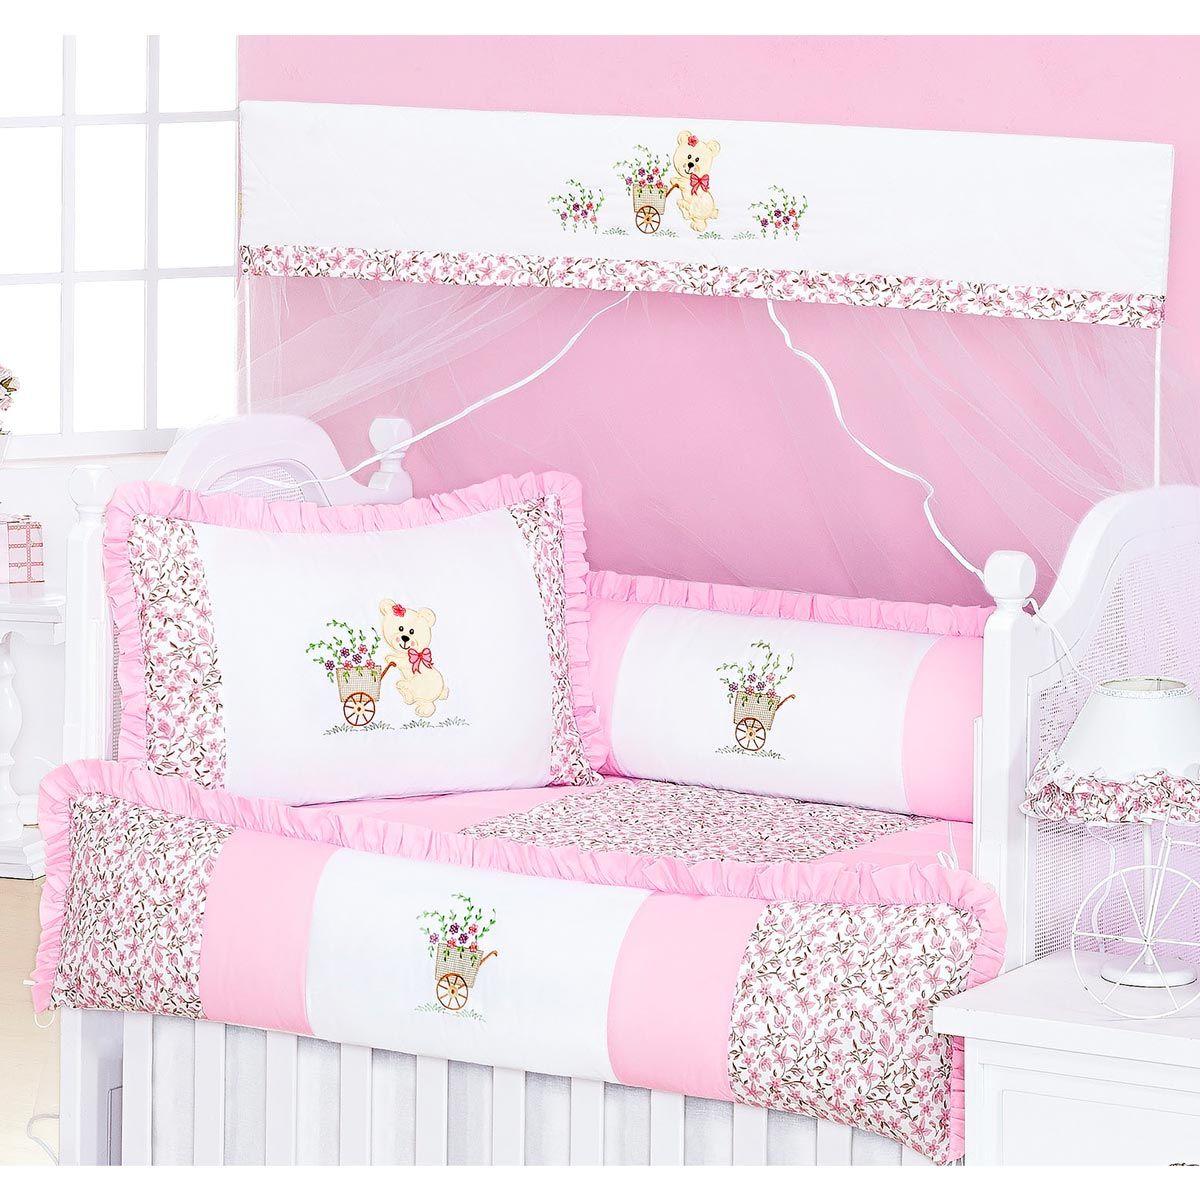 Coleção Completa para Quarto de Bebê Carriola Rosa - 18 Peças